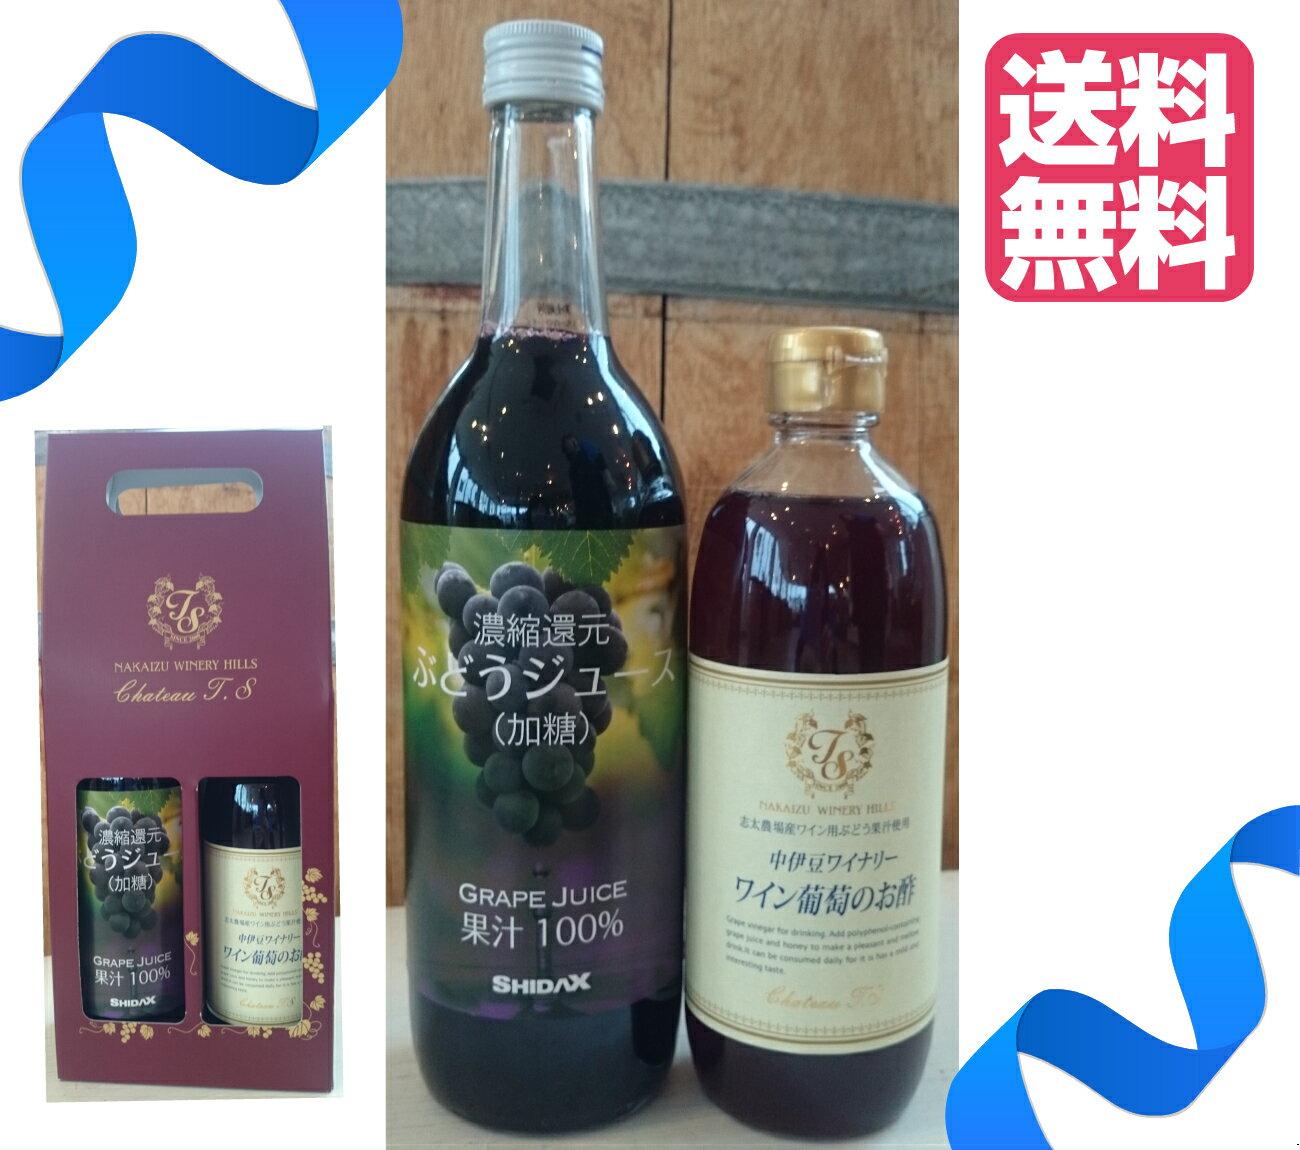 【送料無料・ワンタッチ箱入】当店おすすめ夏ギフトDオリジナルぶどうジュース(濃縮還元・加糖)&ワイン葡萄のお酢